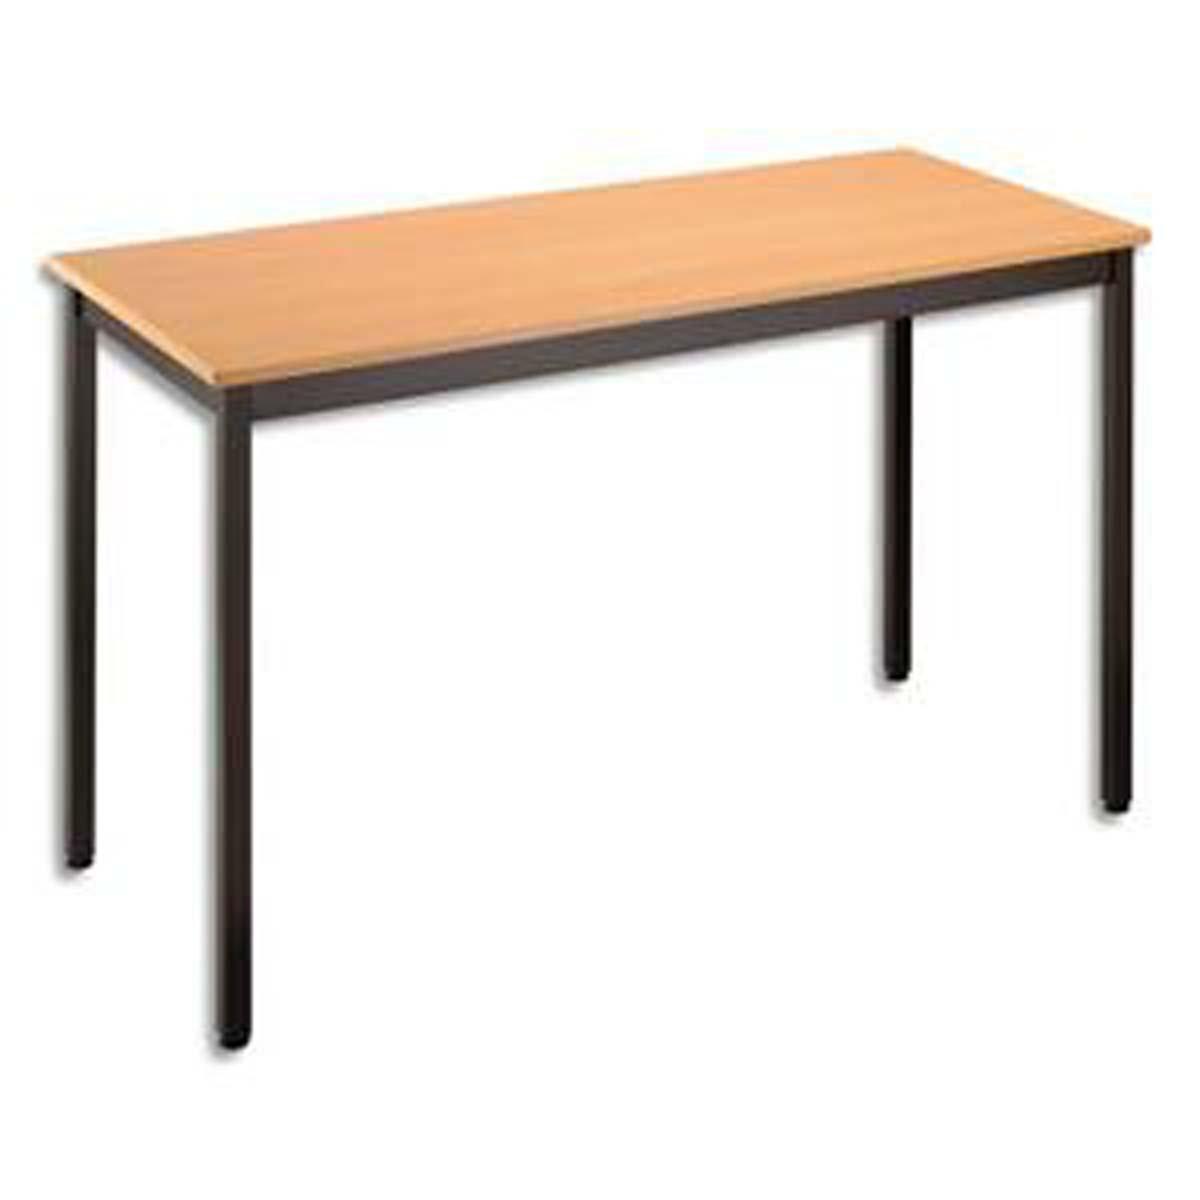 Table polyvalente rectangulaire 120 x 60 cm hêtre/noir VISIODIRECT